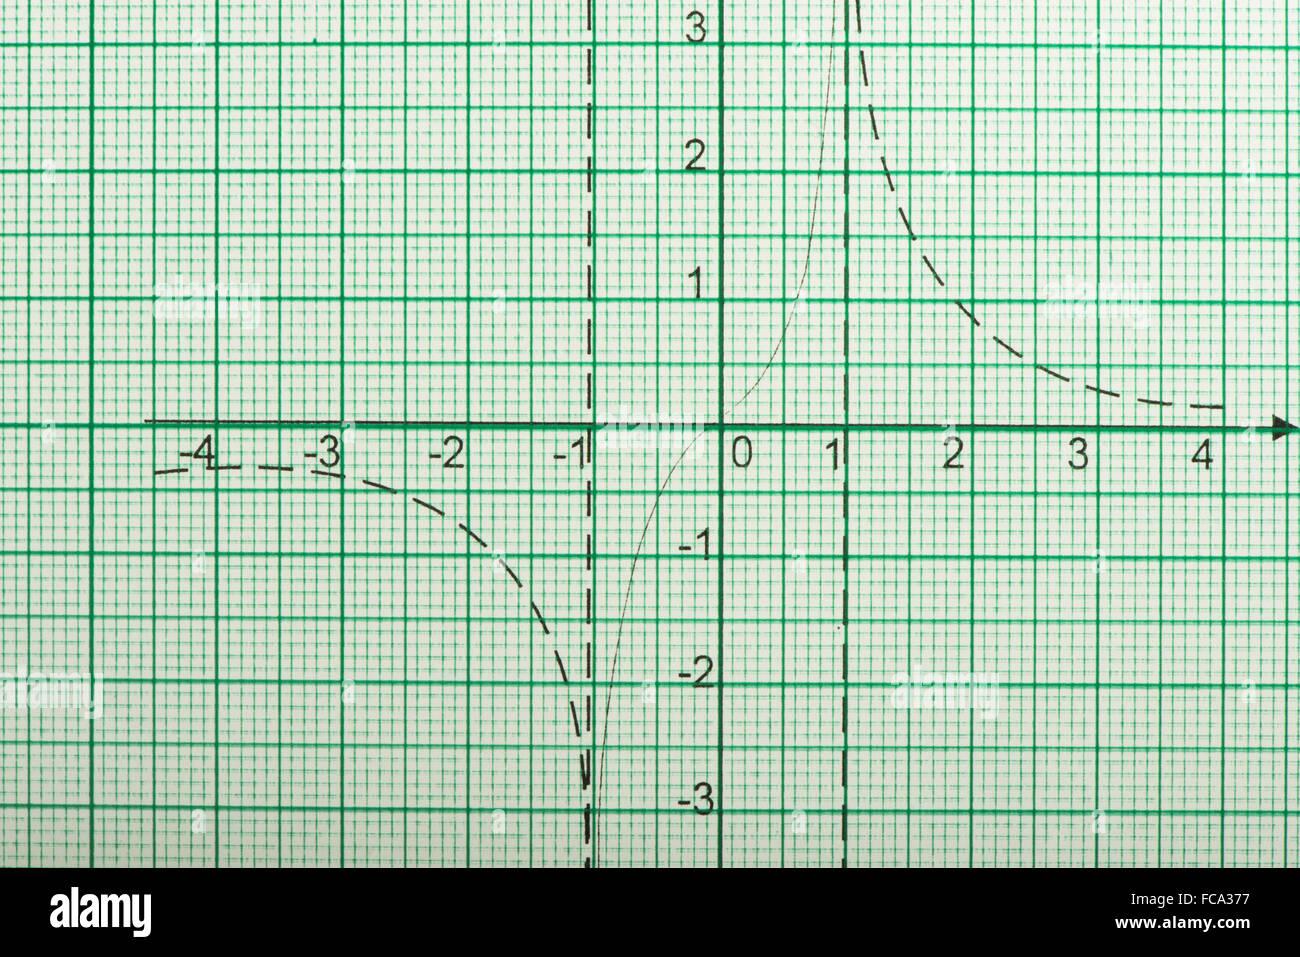 Mathematische Zeichnungen, Konzepte und Strategien Stockbild